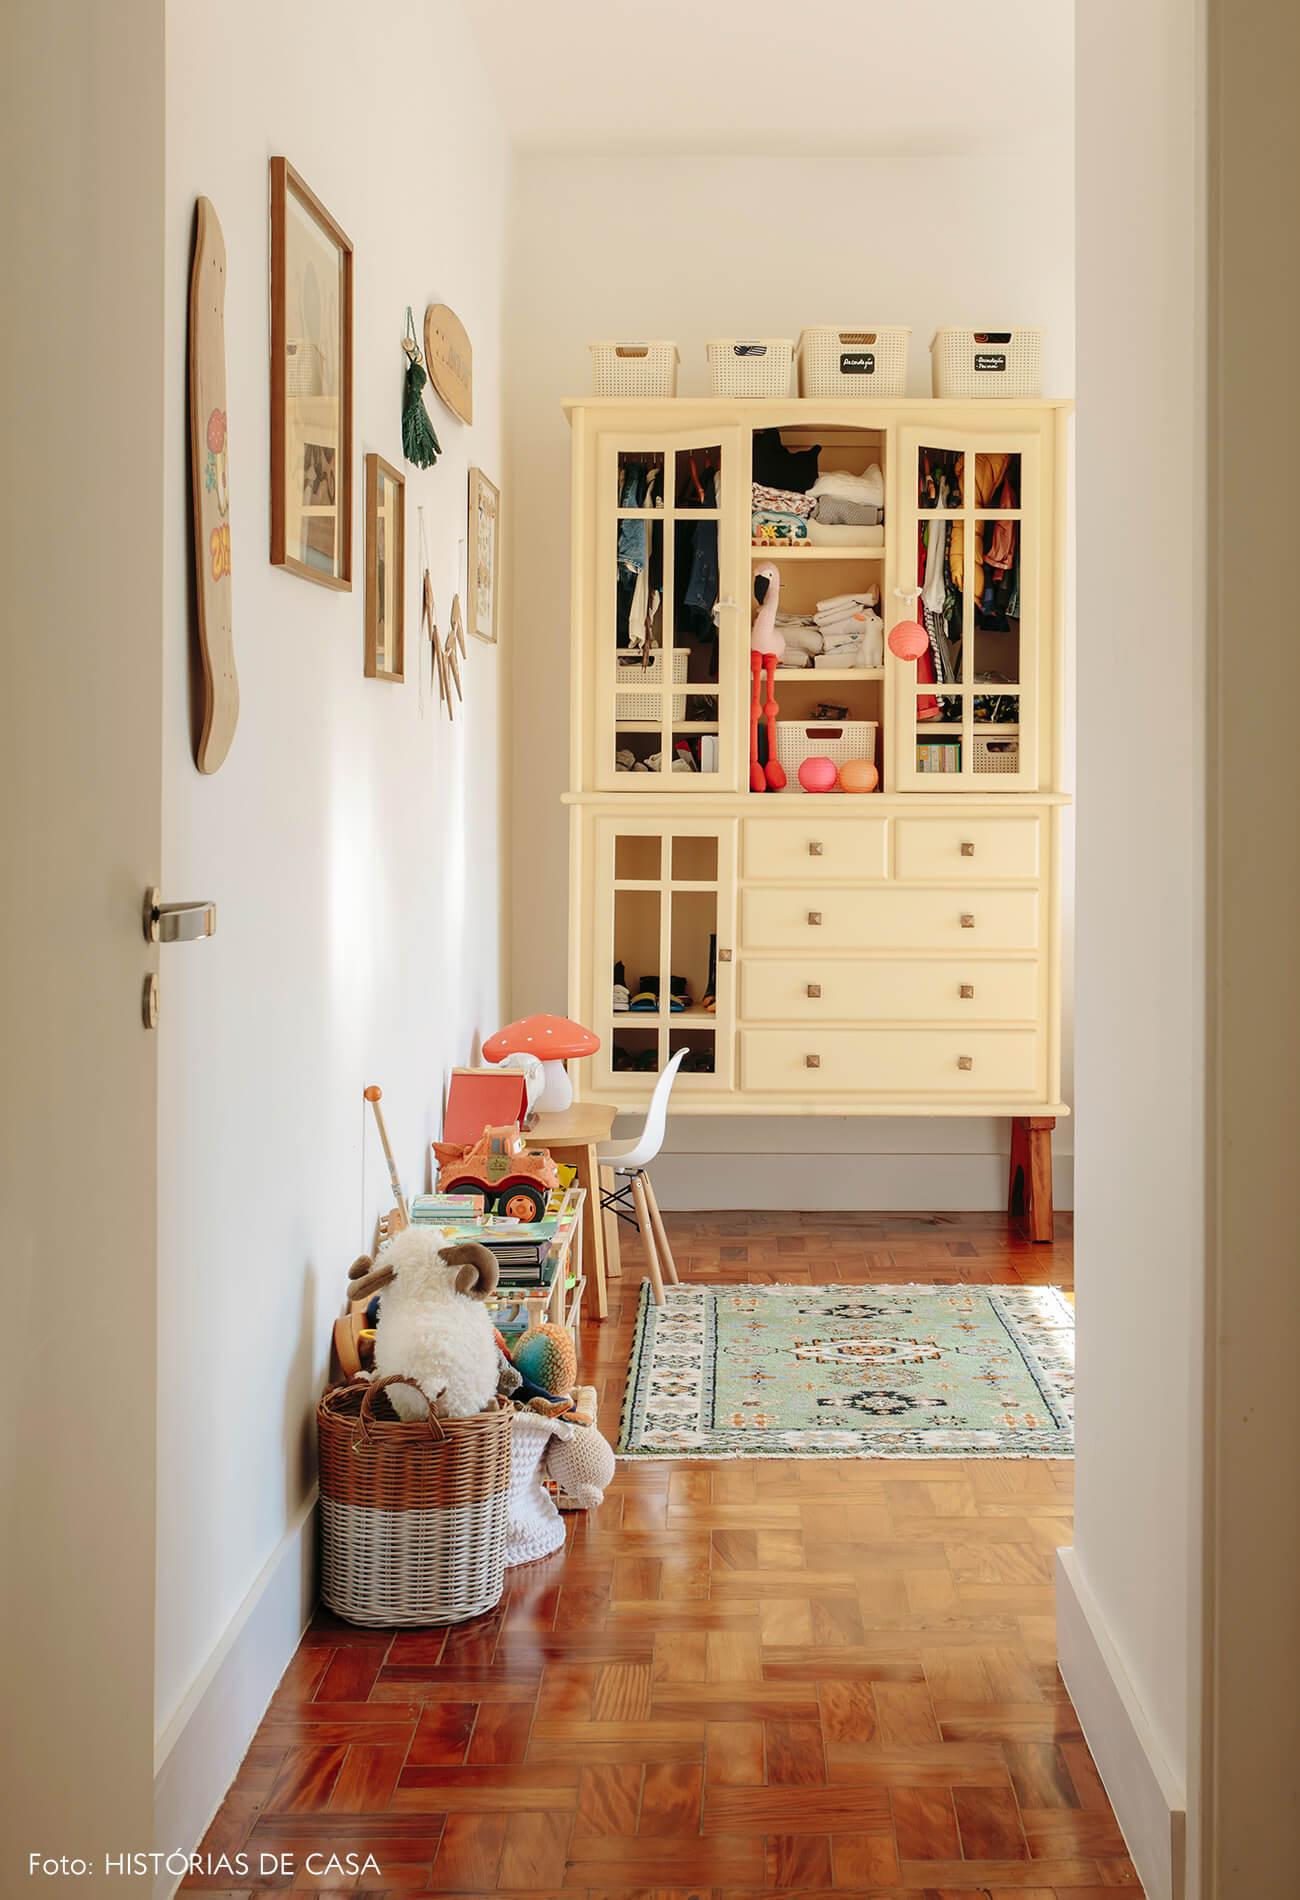 Apartamento da chef Renata Vanzetto, quarto do seu filho Ziggy